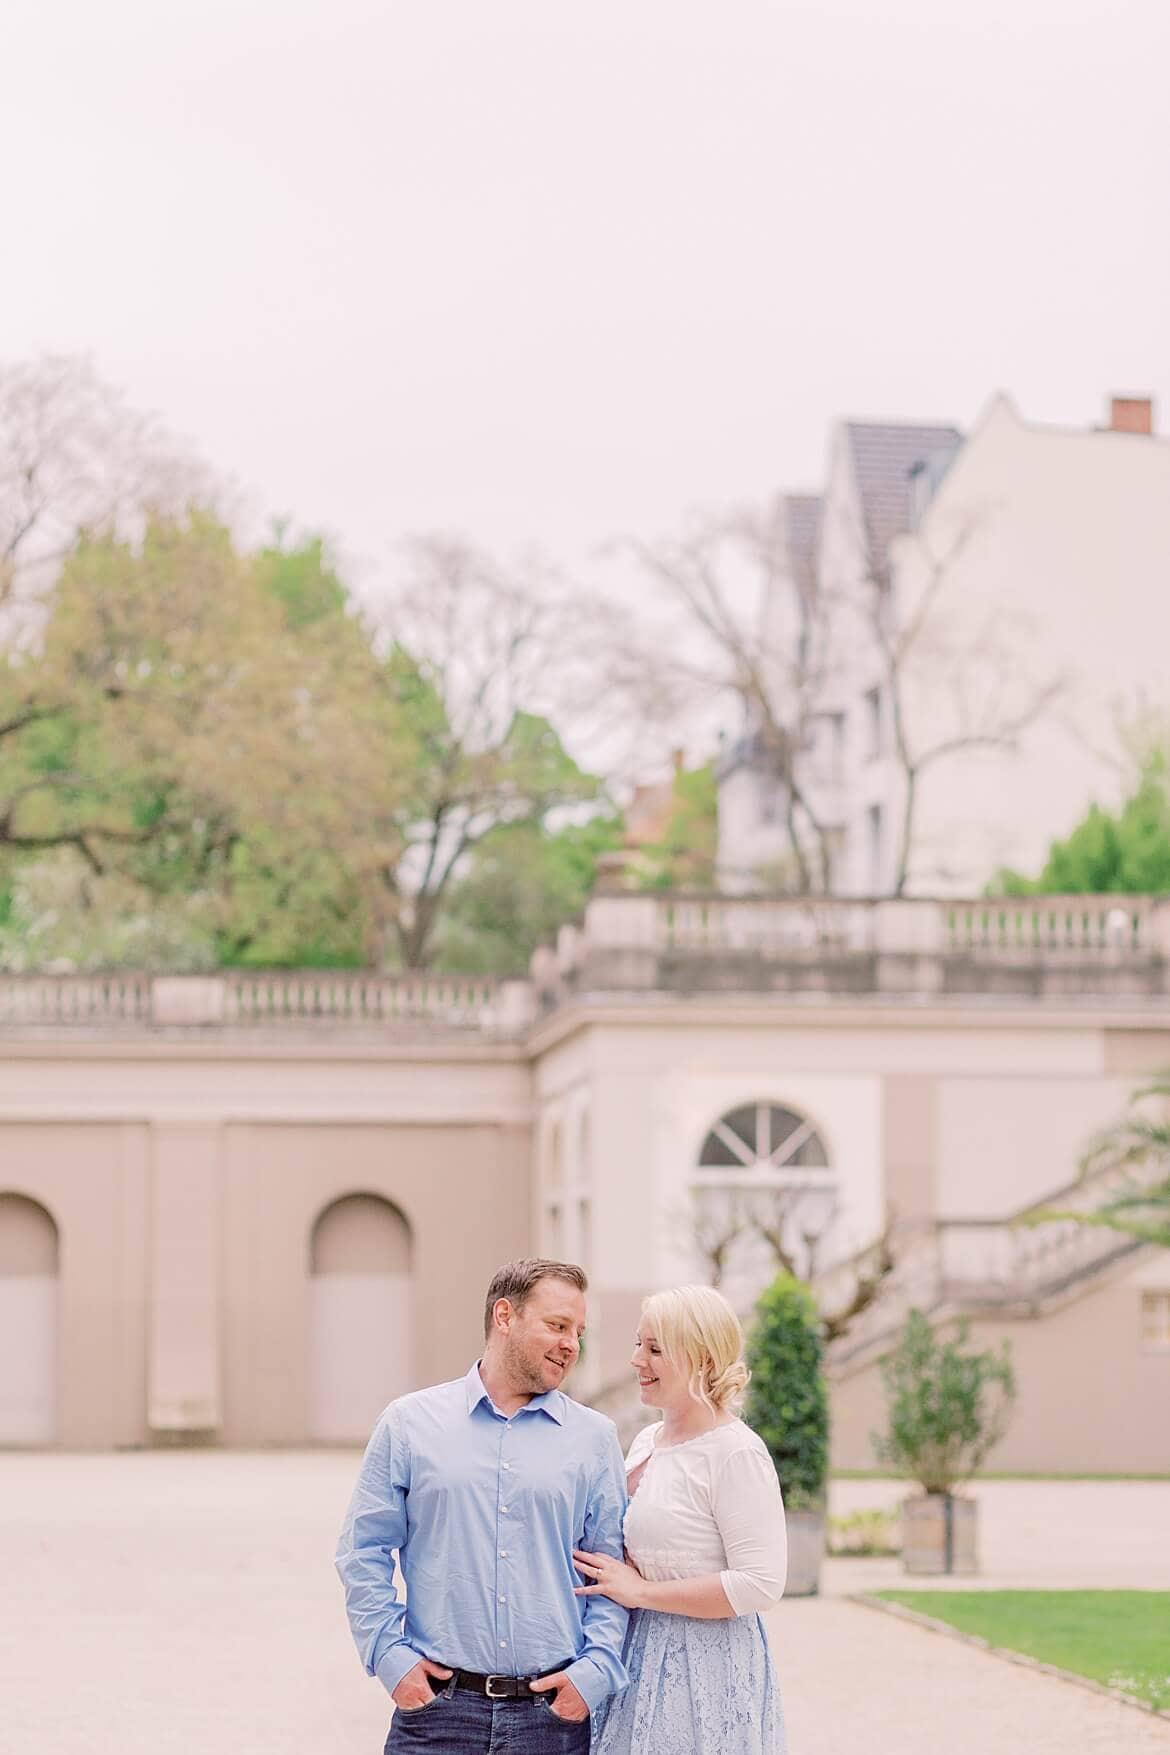 Paar steht eng angekuschelt im Park und schaut sich an